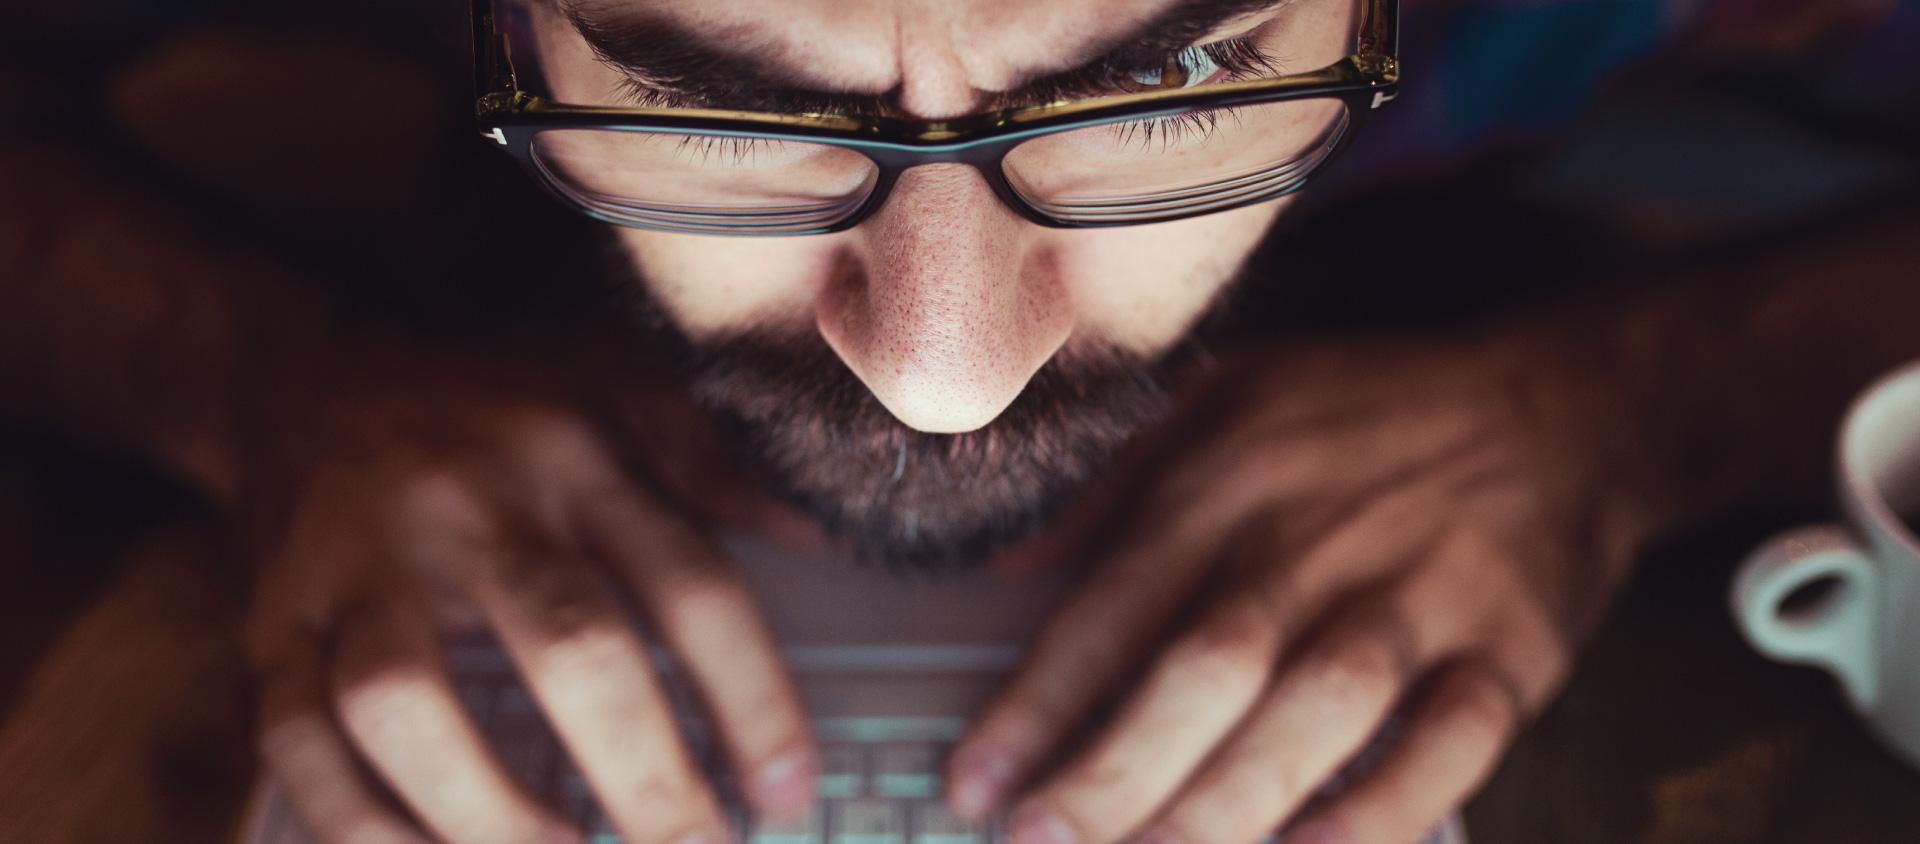 Propriedade intelectual das empresas é principal alvo de crimes cibernéticos